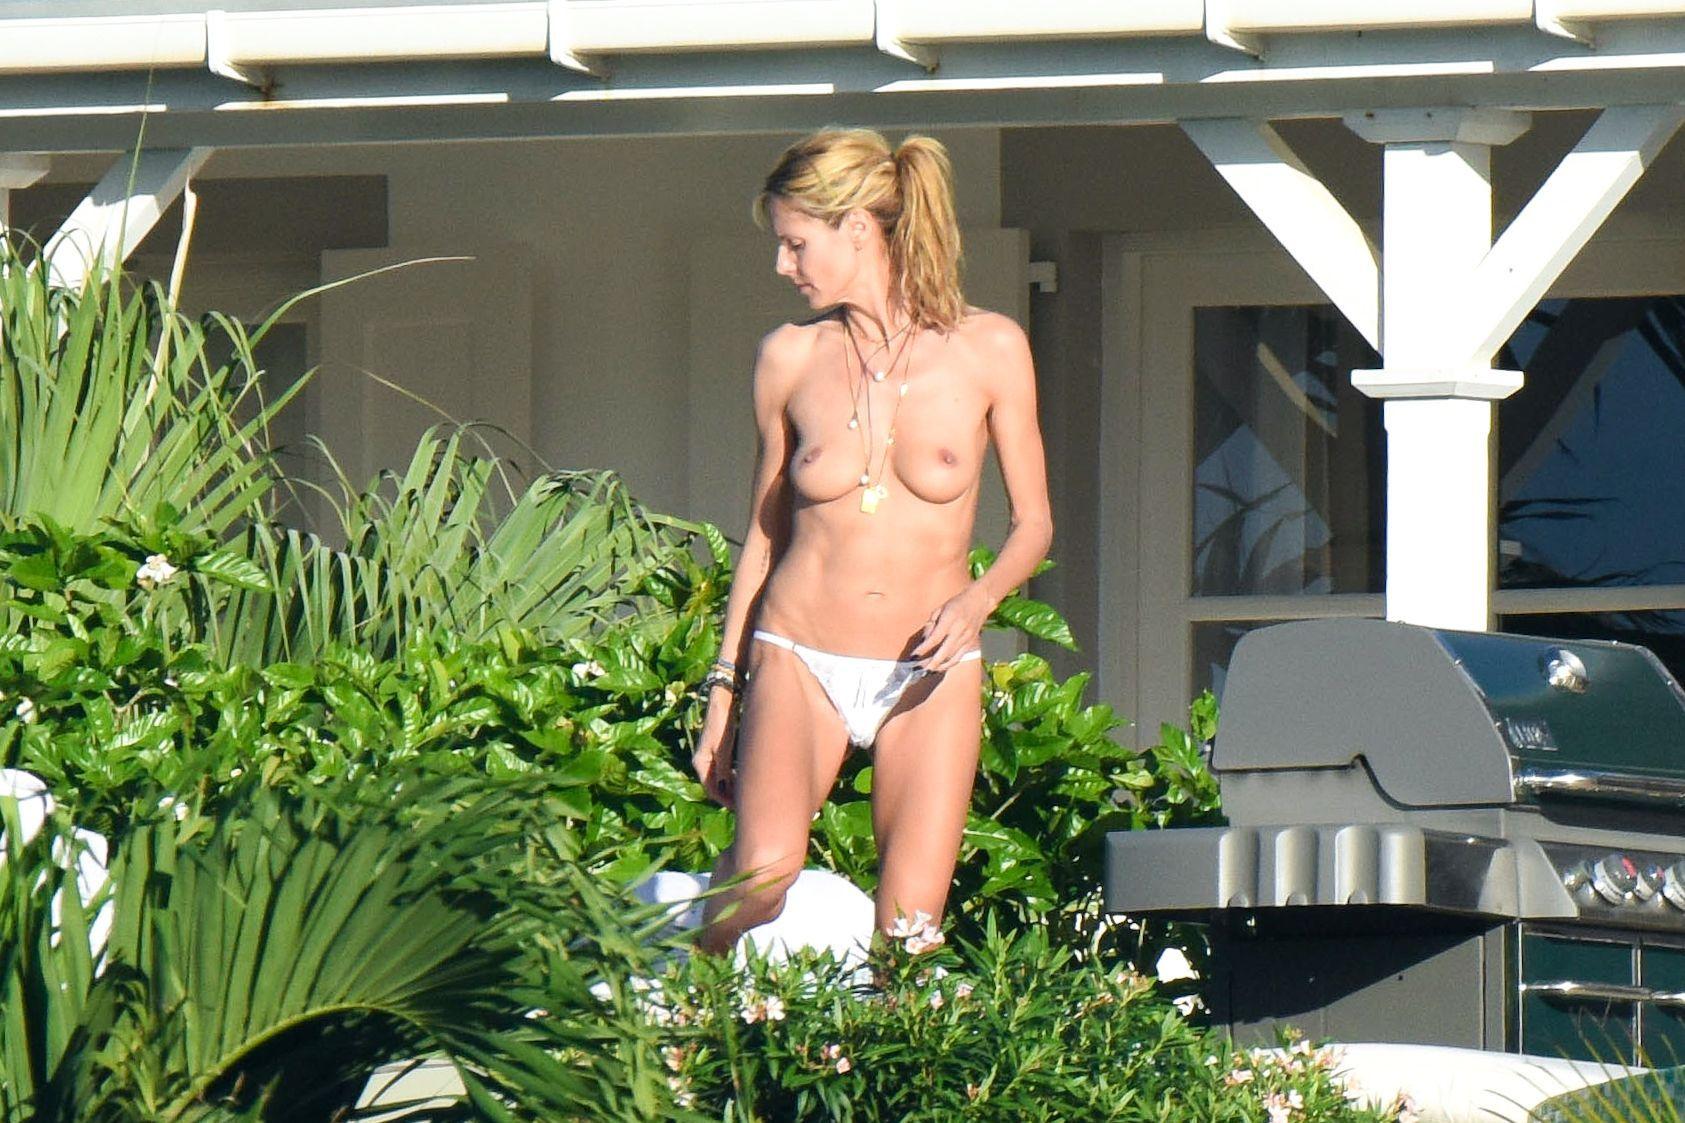 Topless Pics Of Heidi Klu...